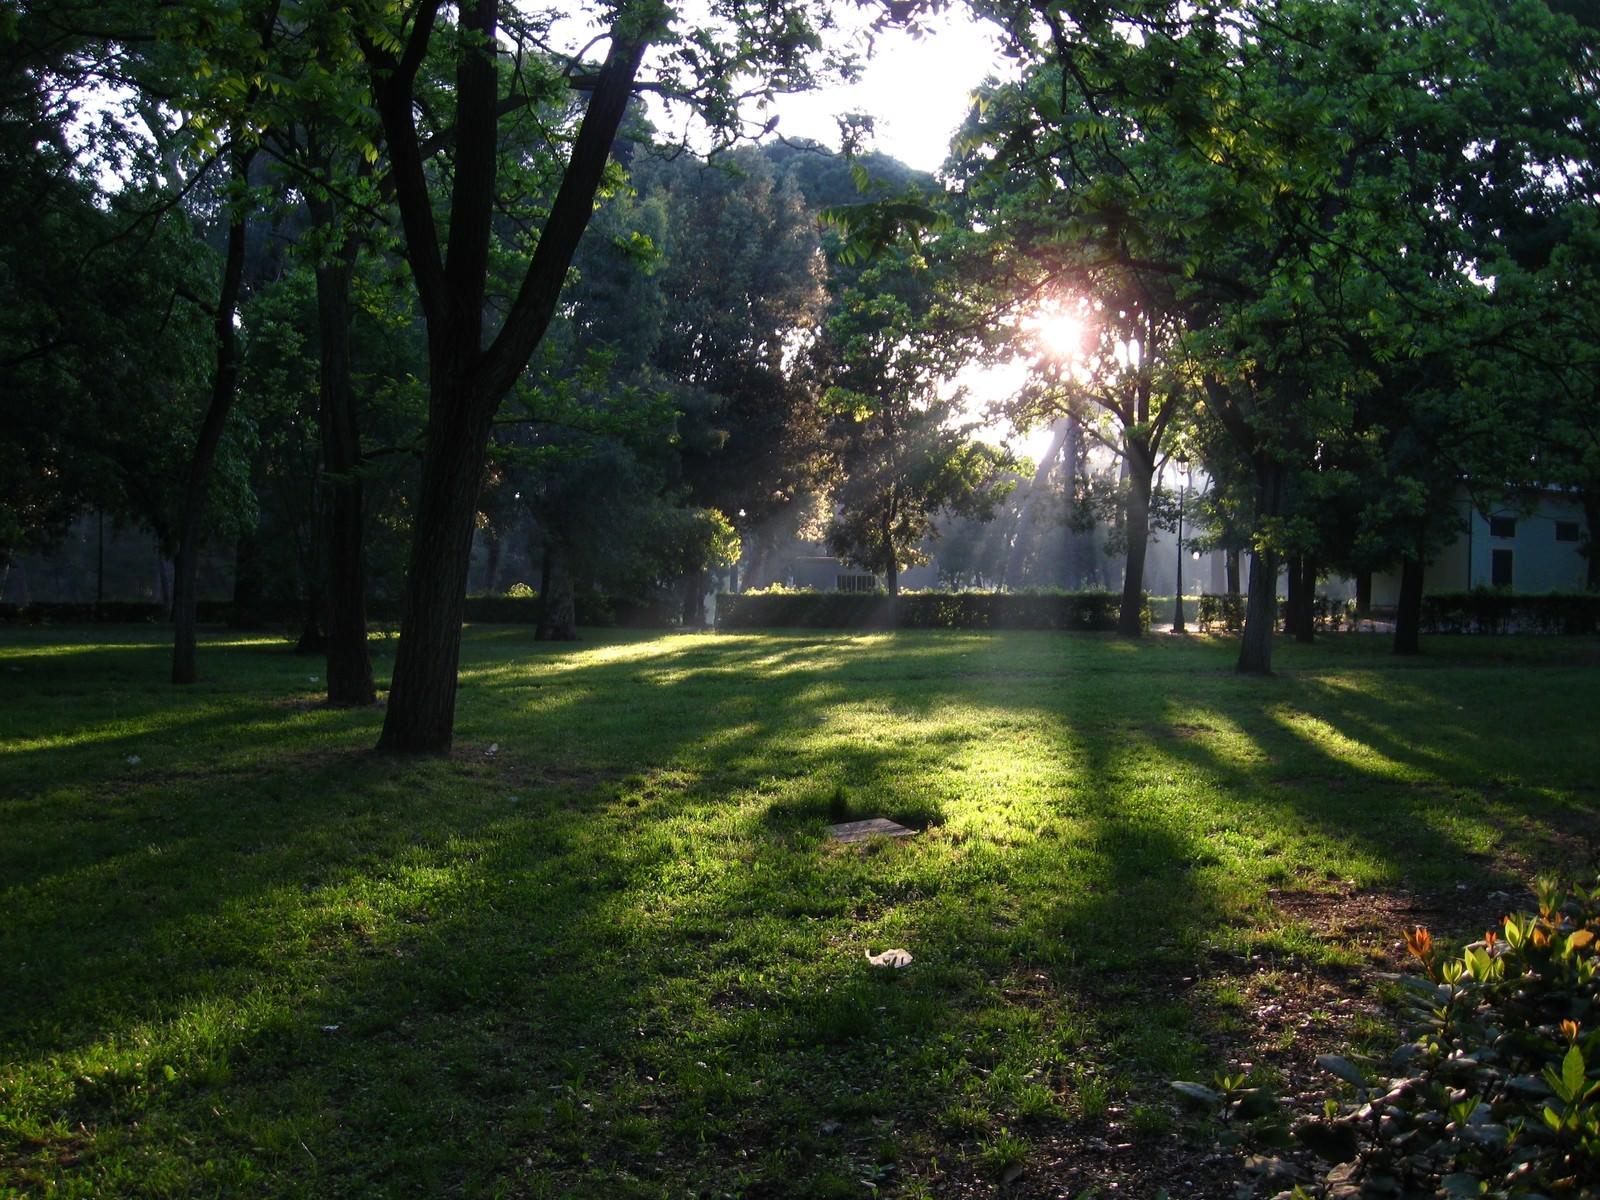 「ローマにあるボルゲーゼ公園の日差し(イタリア)」